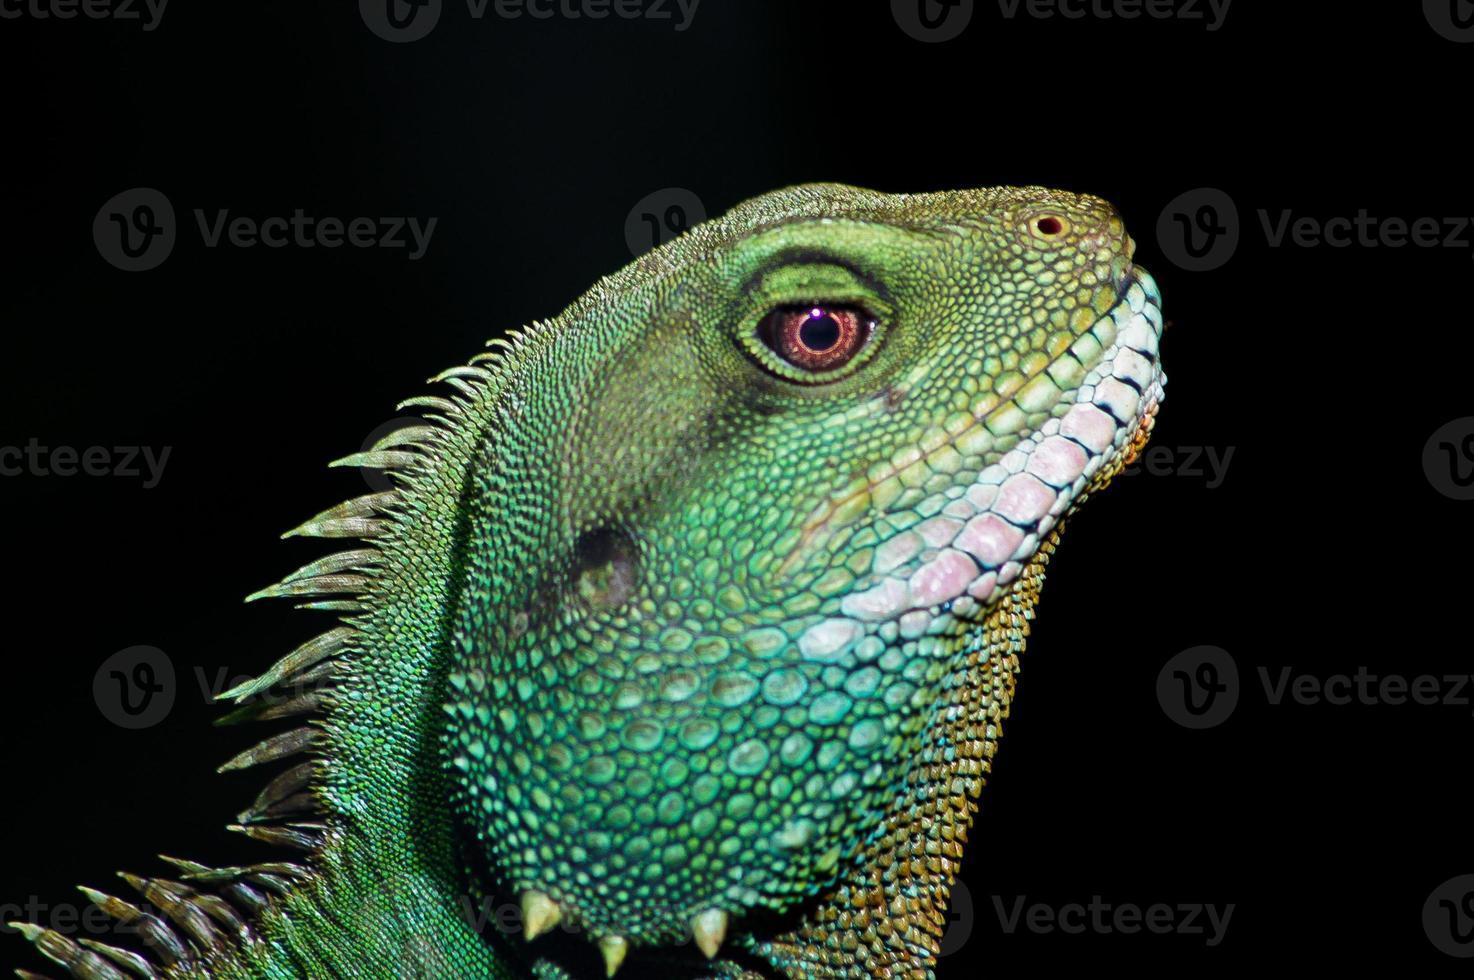 cabeça de iguana verde no perfil no chester zoo park uk foto